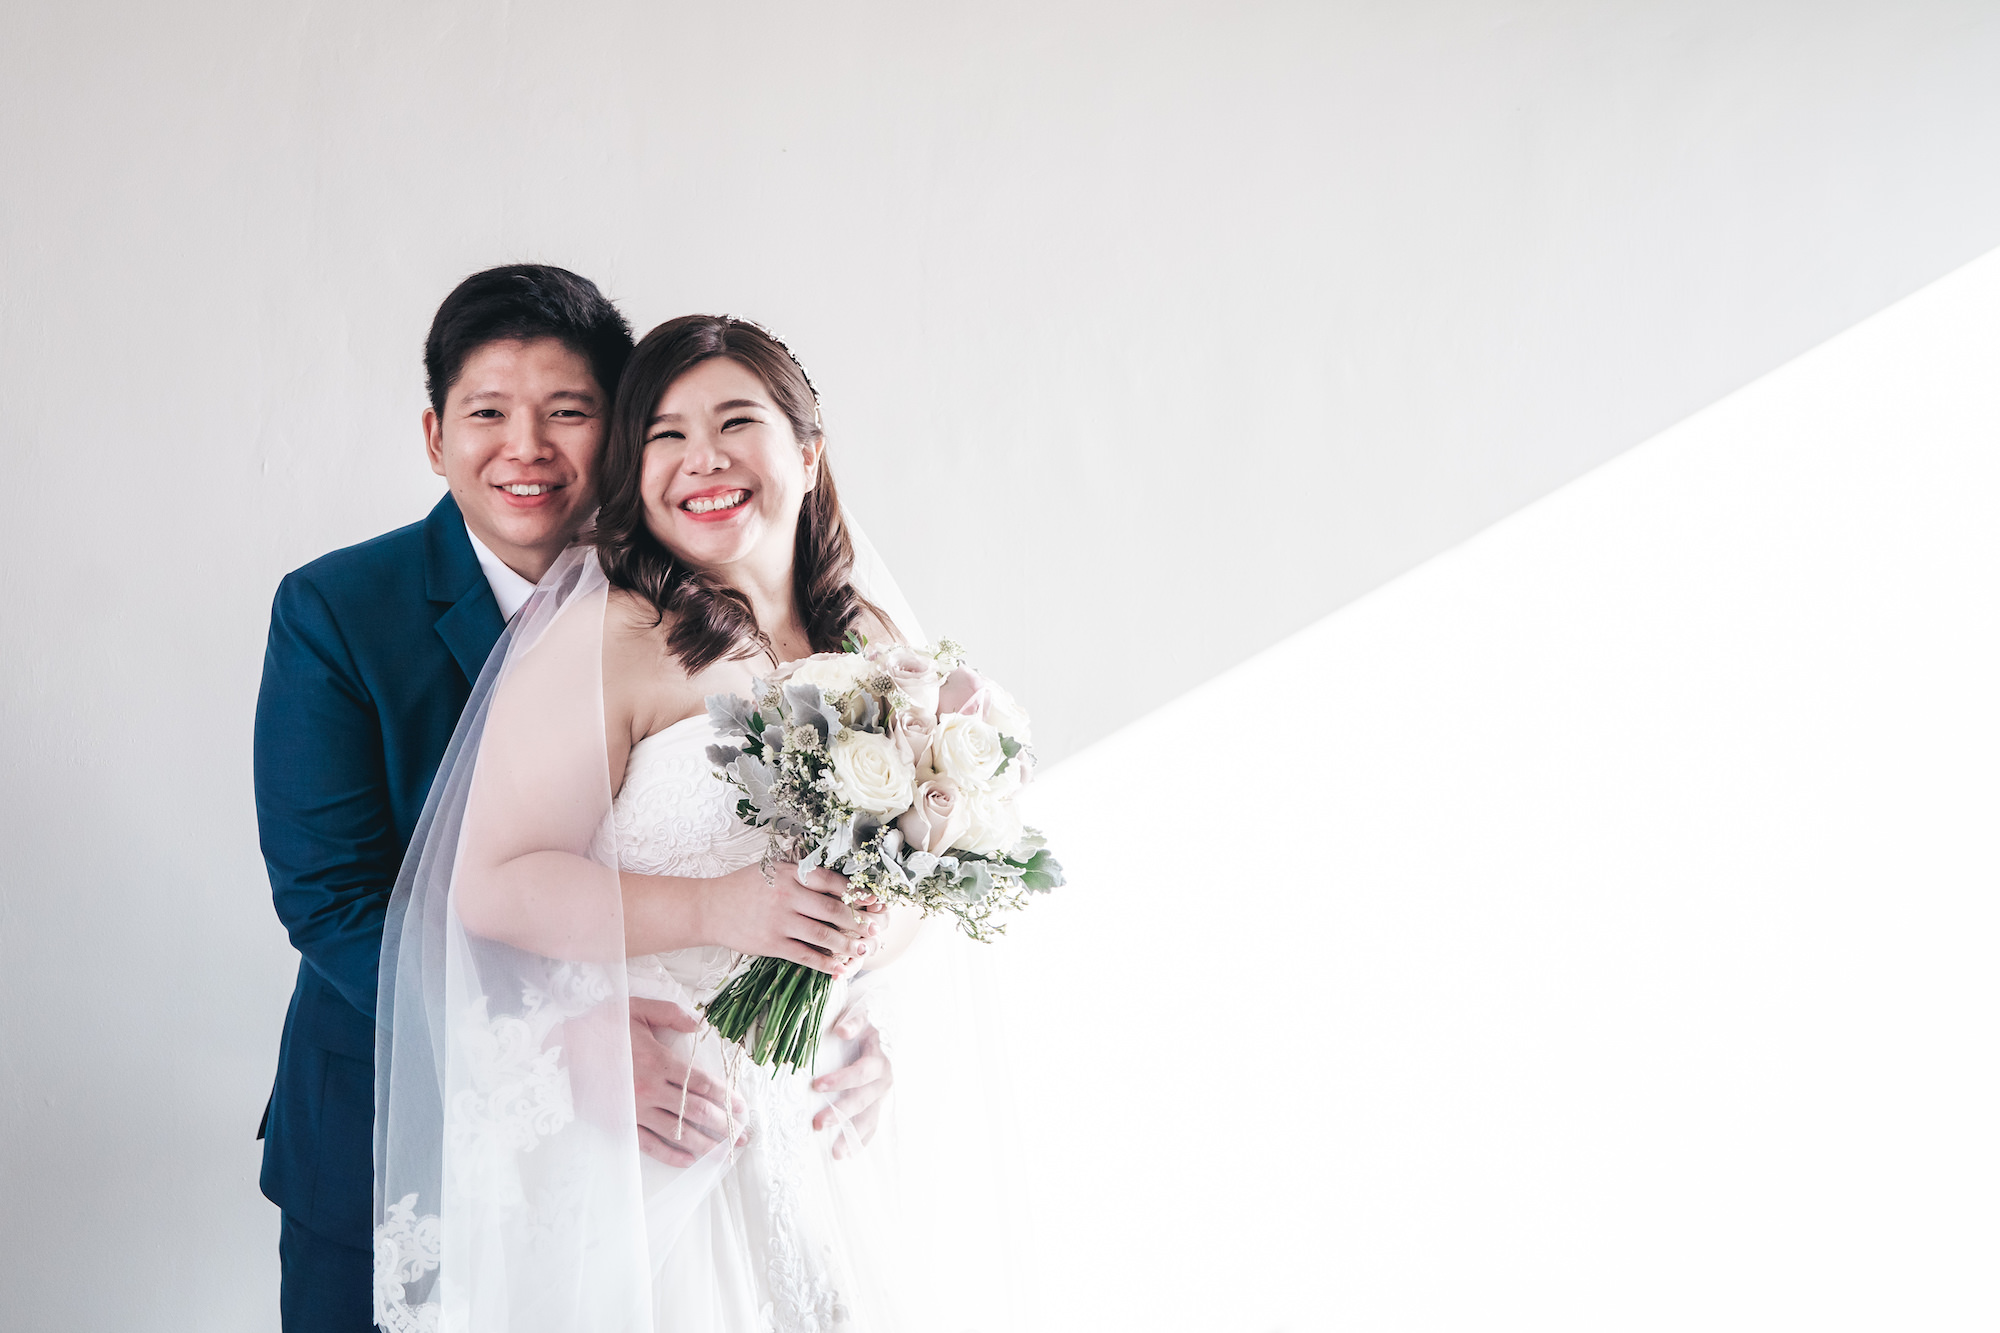 20190223_Amanda and Qinwei (43 of 72).jpg